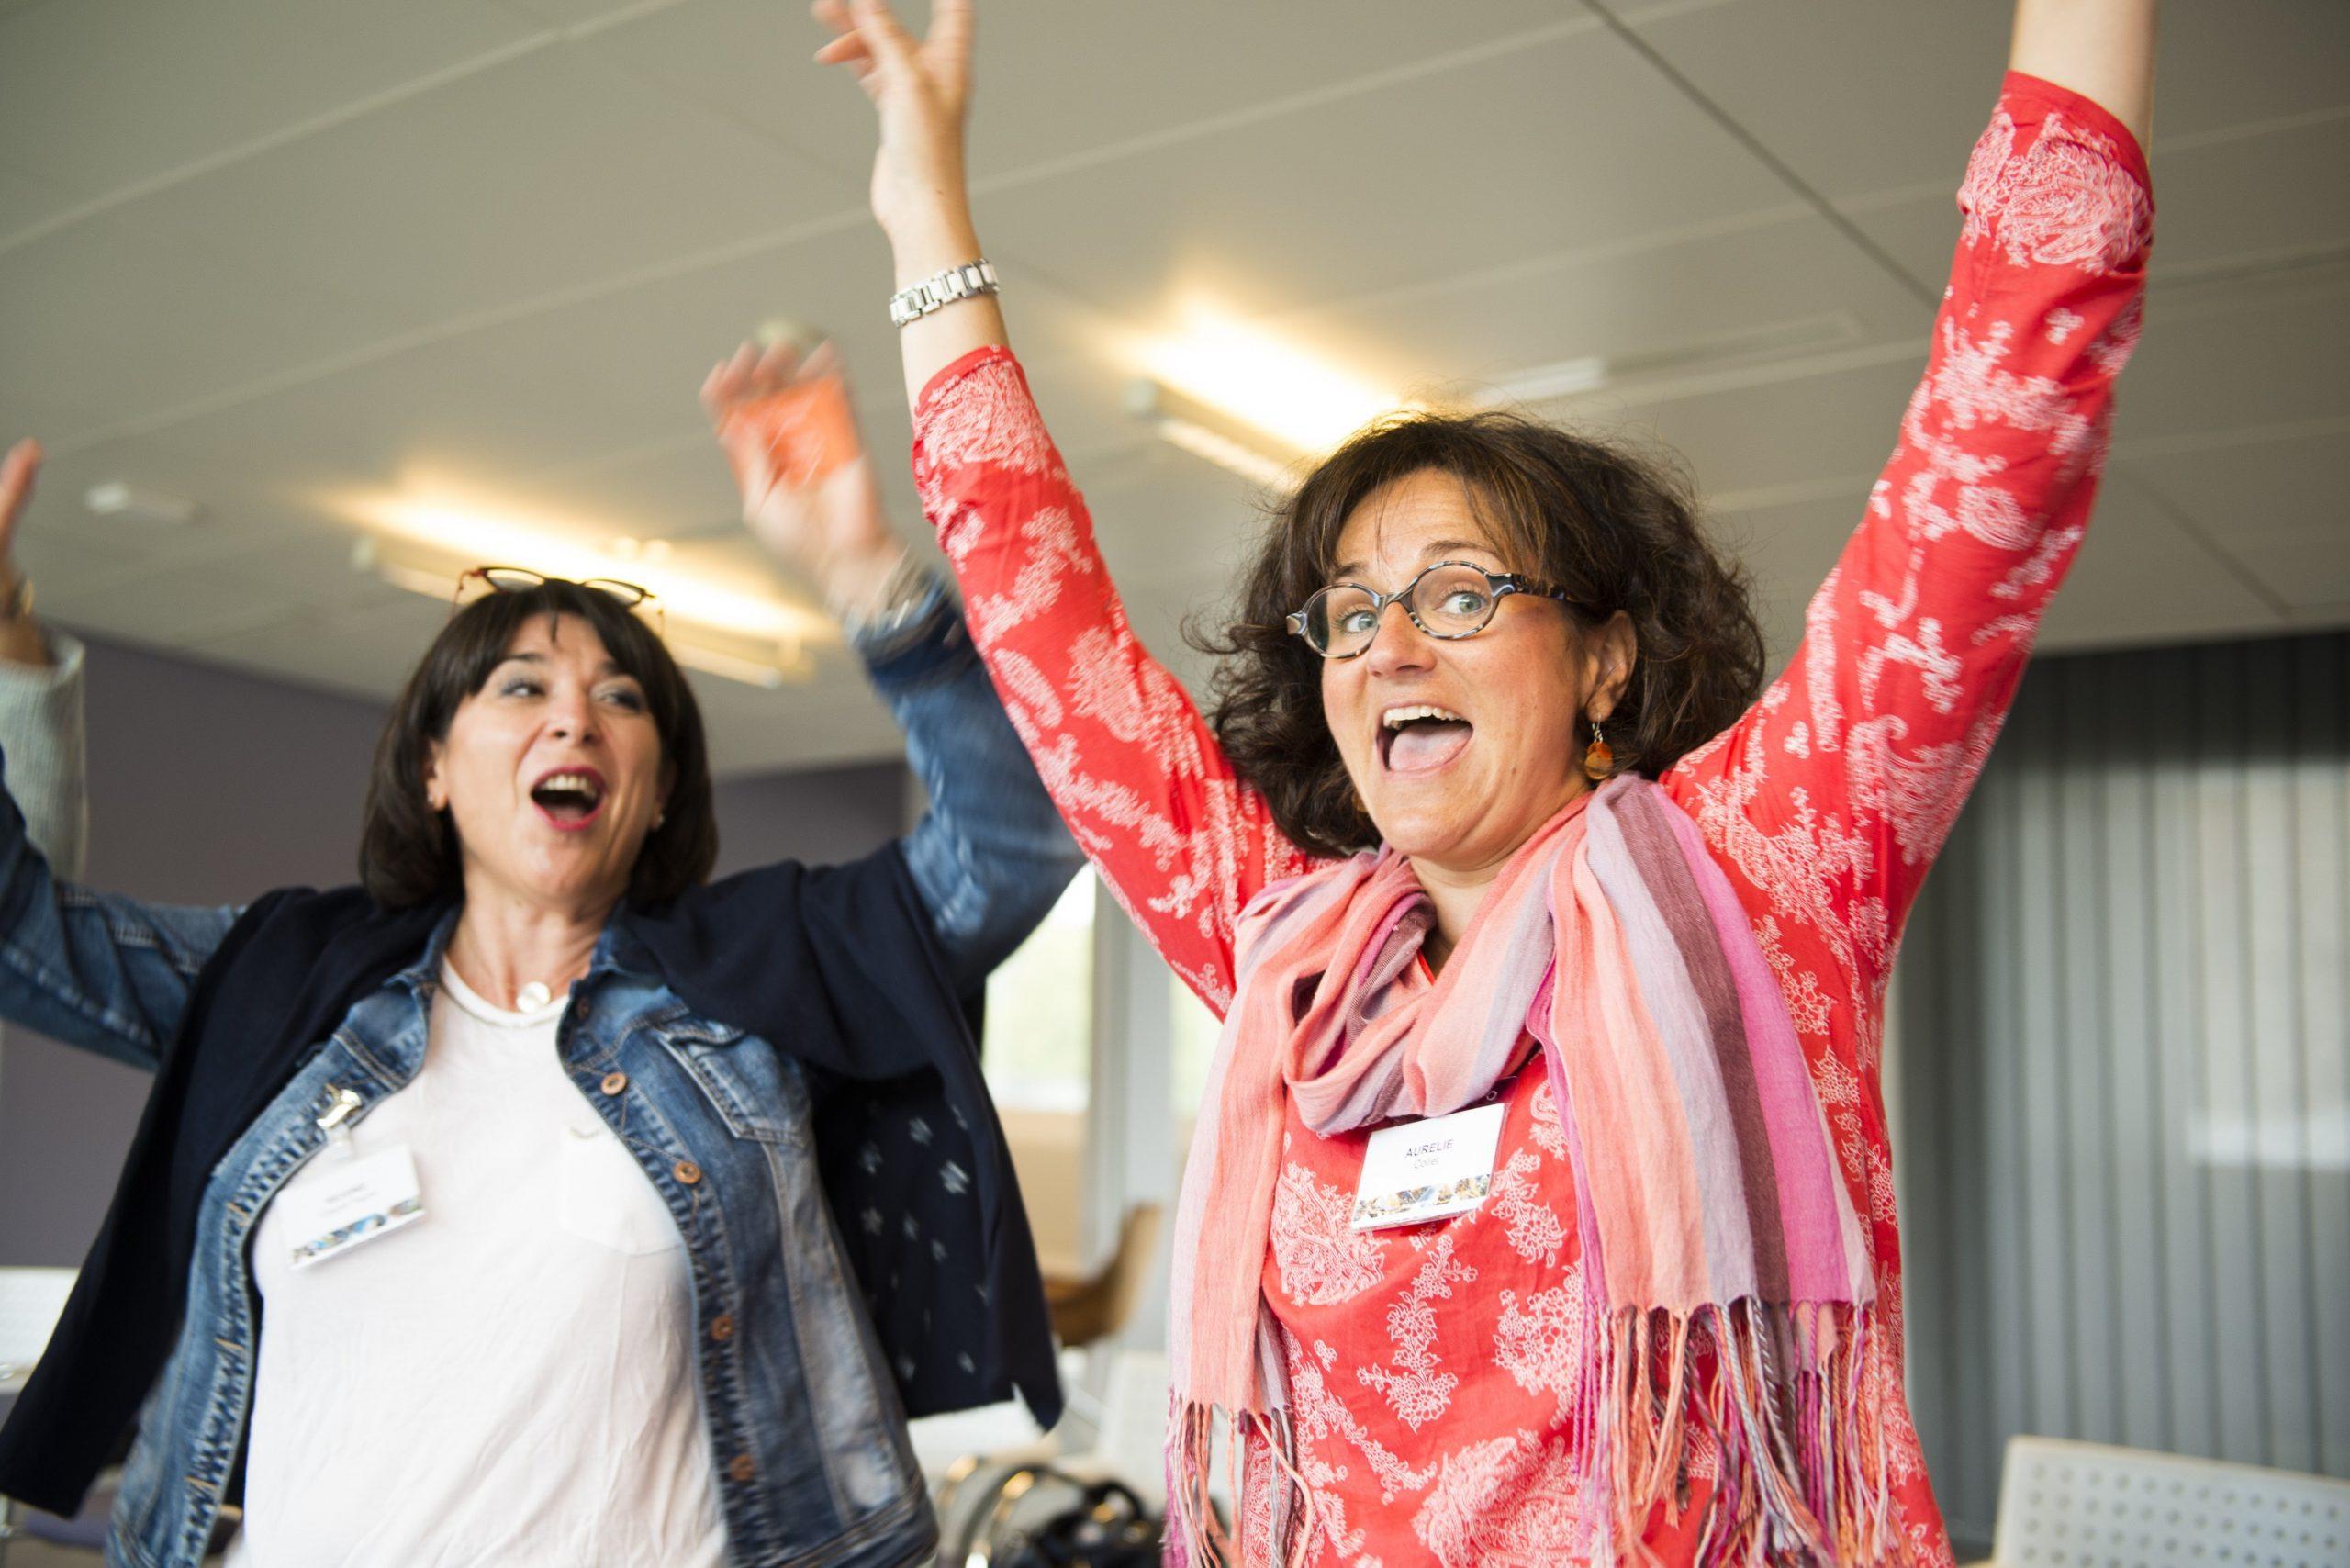 Des participantes enthousiasmées